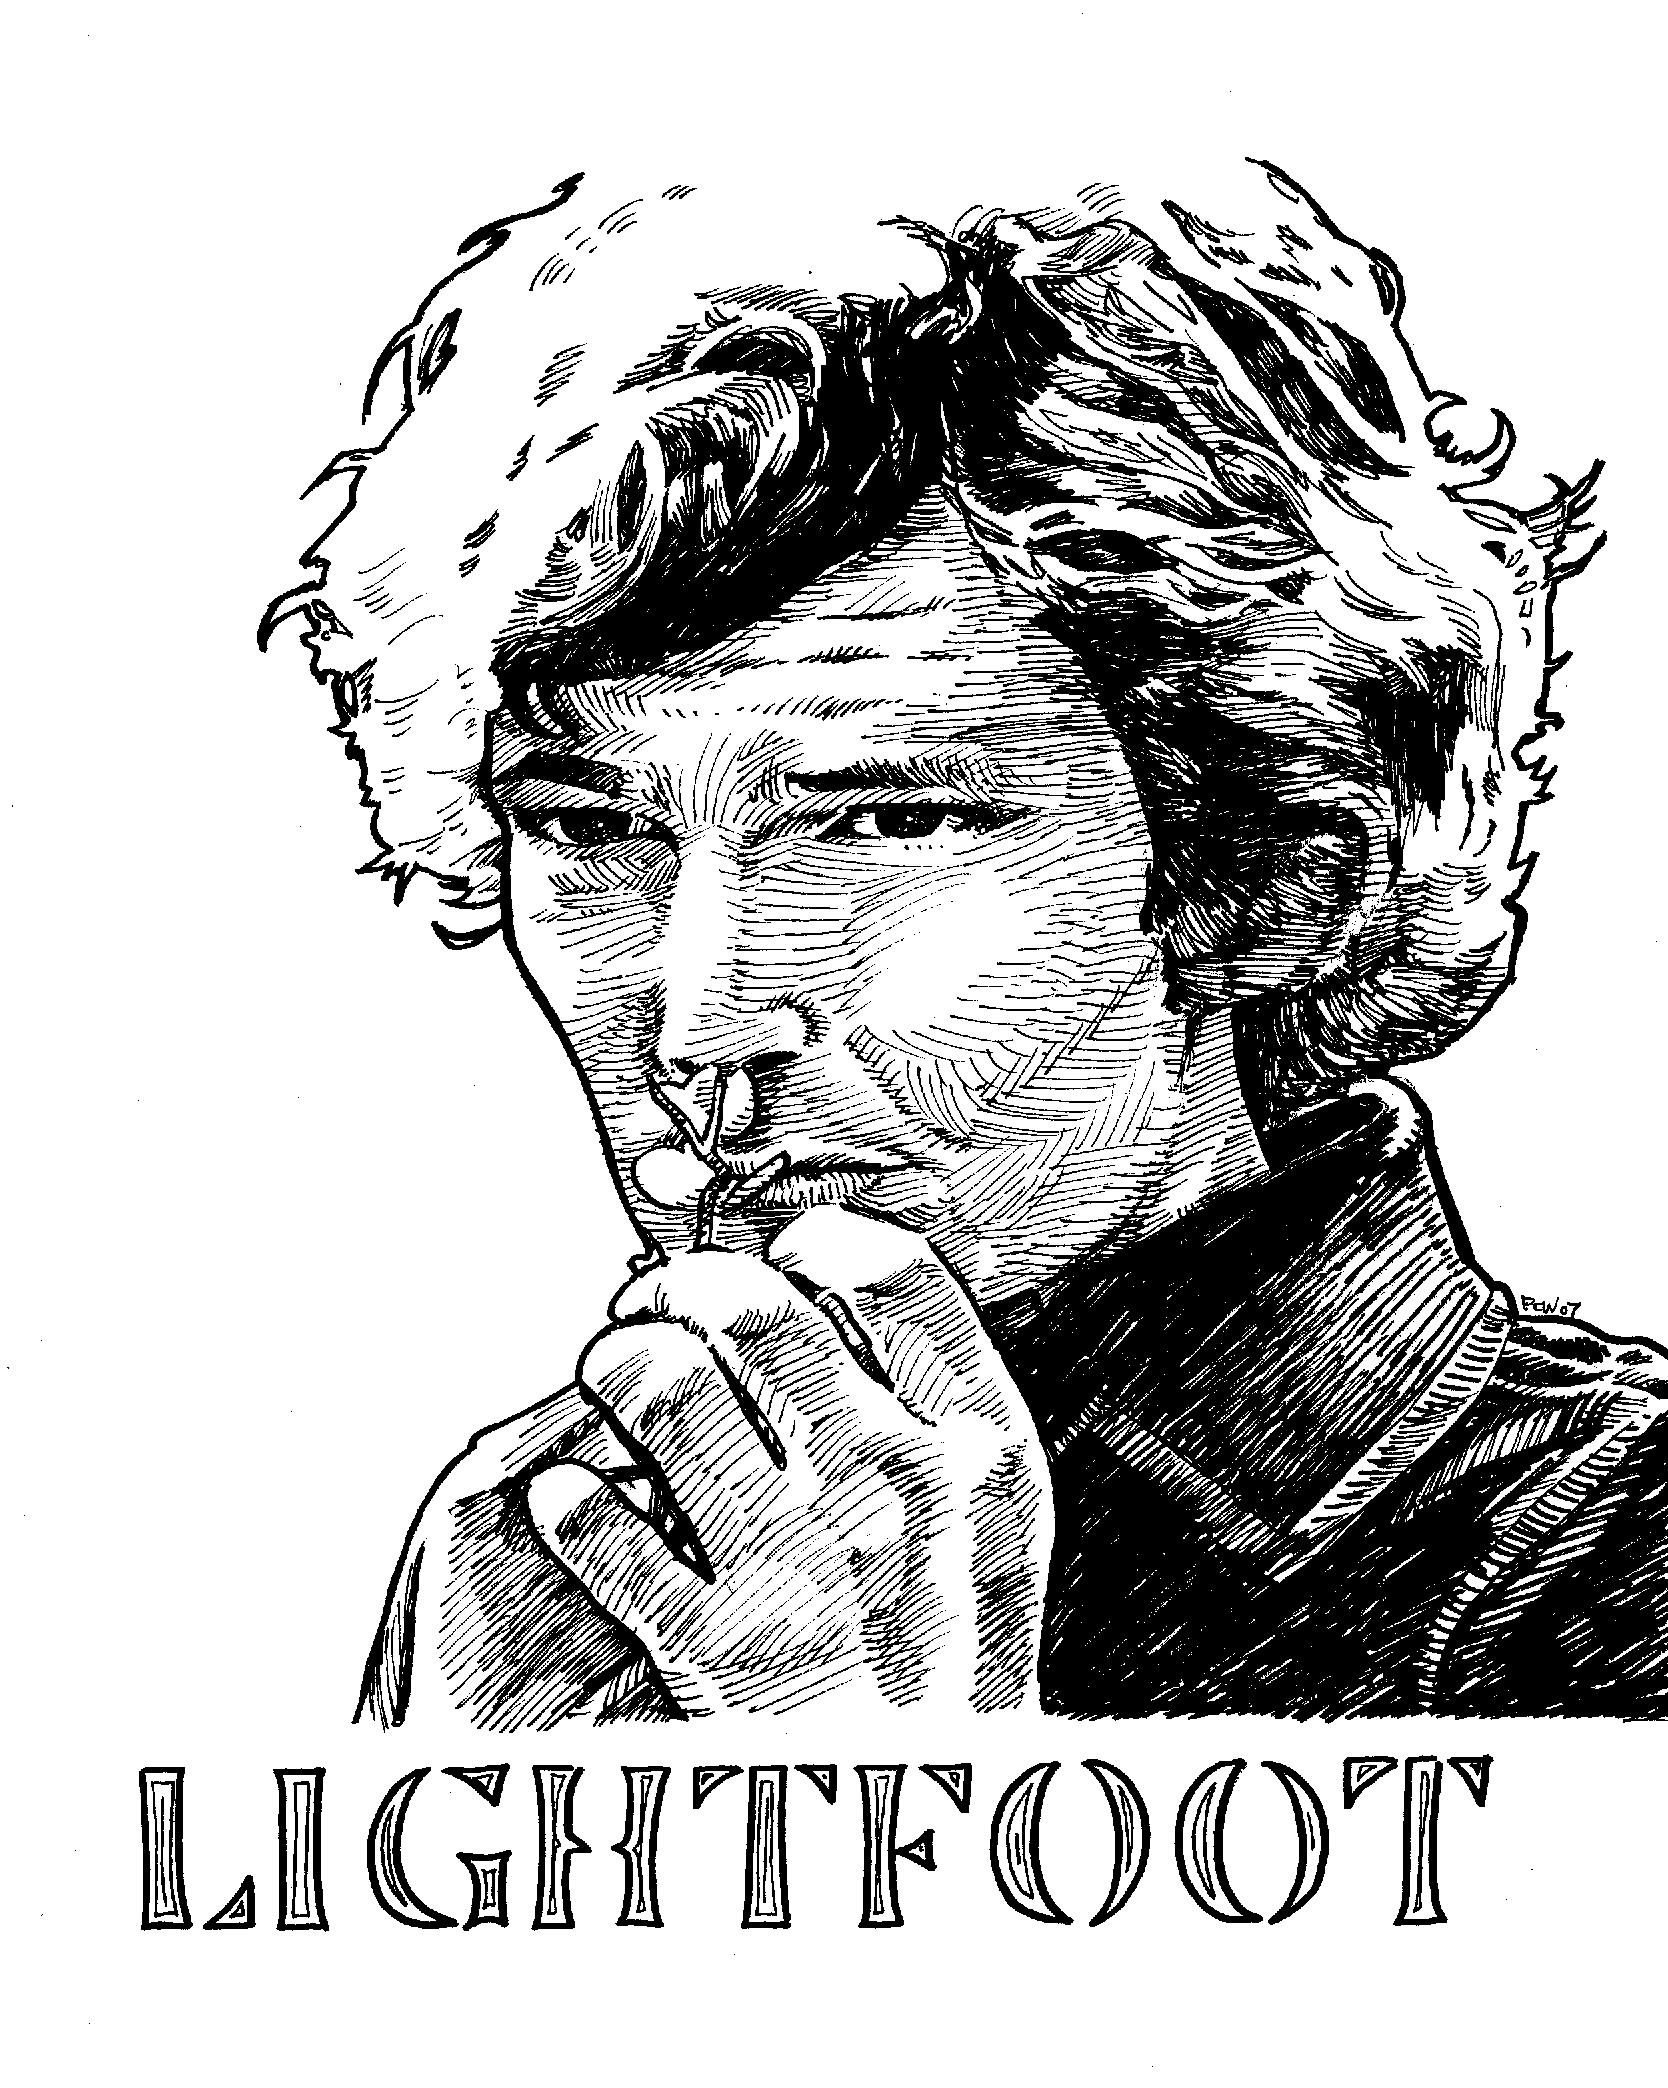 $300, Gordon Lightfoot for GZD